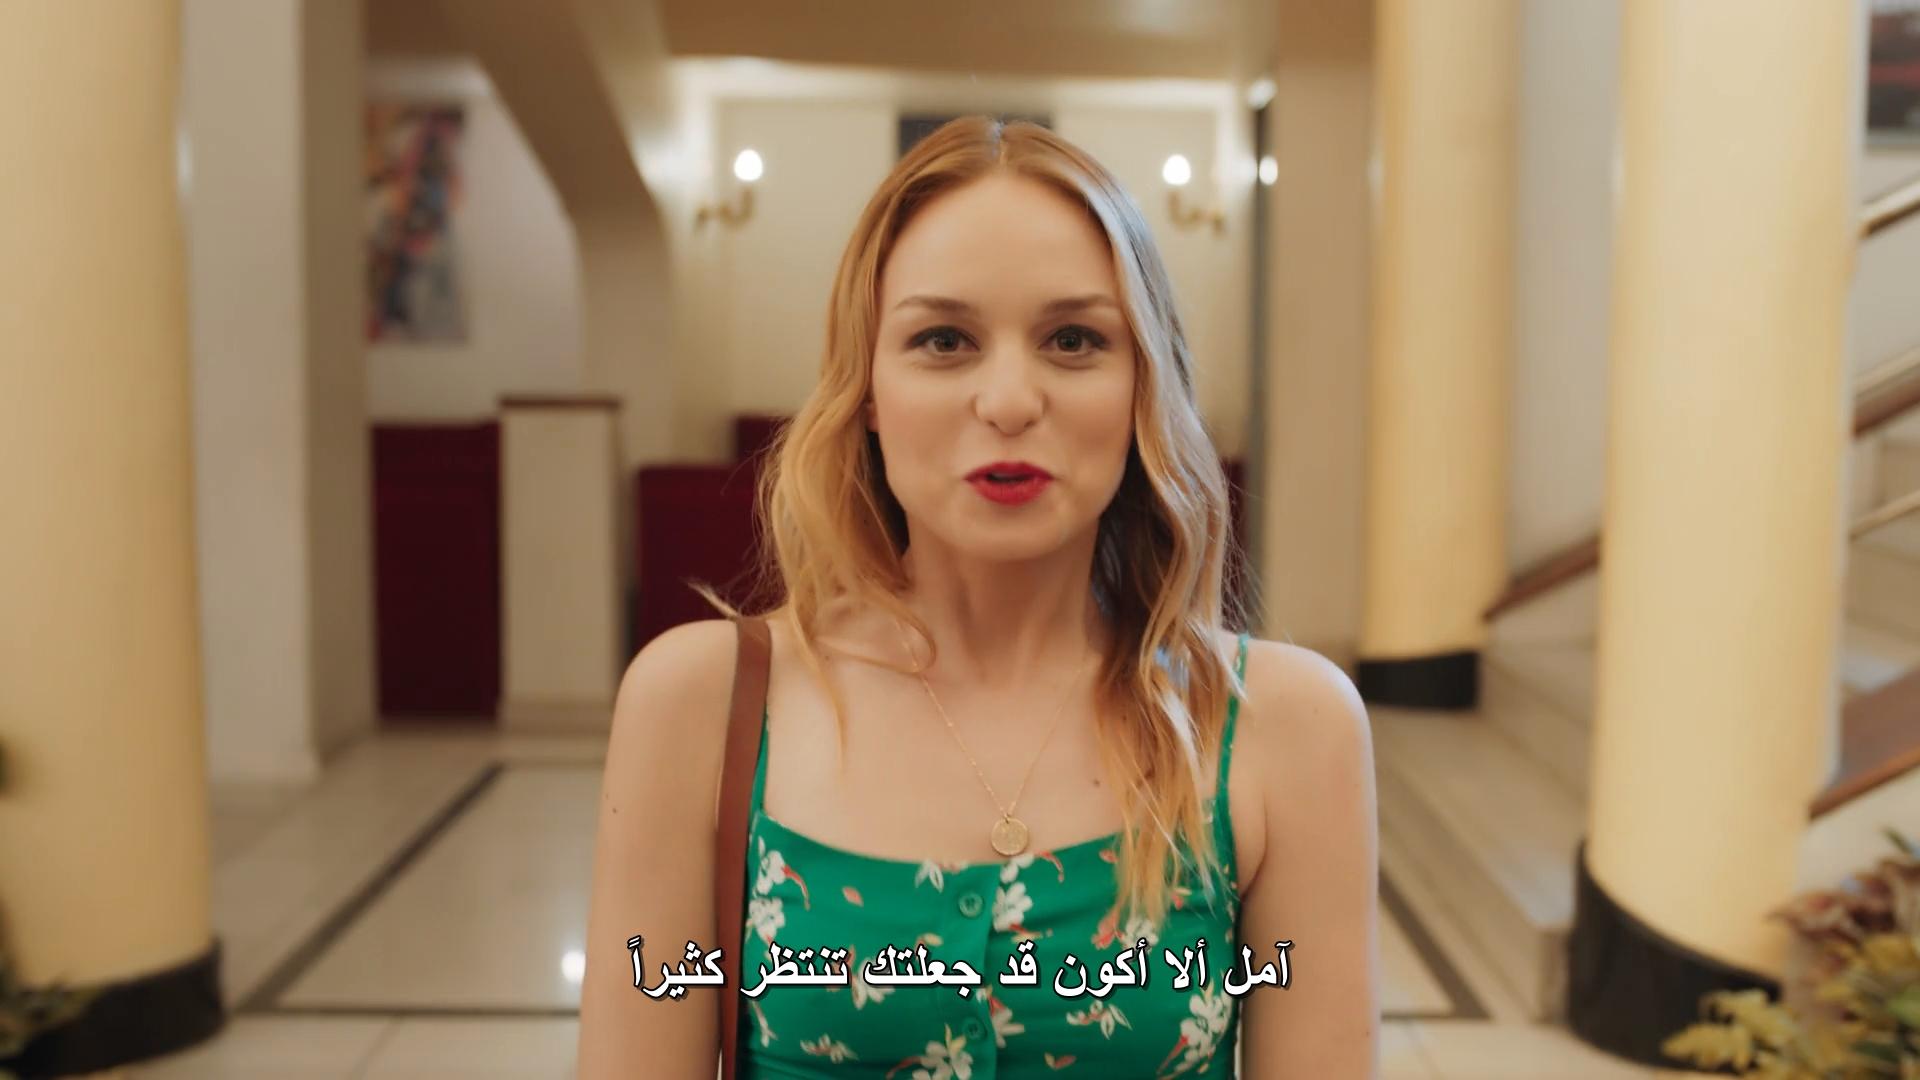 المسلسل التركي القصير نفس الشيء [م1 م2 م3][2019][مترجم][WEB DL][BLUTV][1080p] تحميل تورنت 6 arabp2p.com